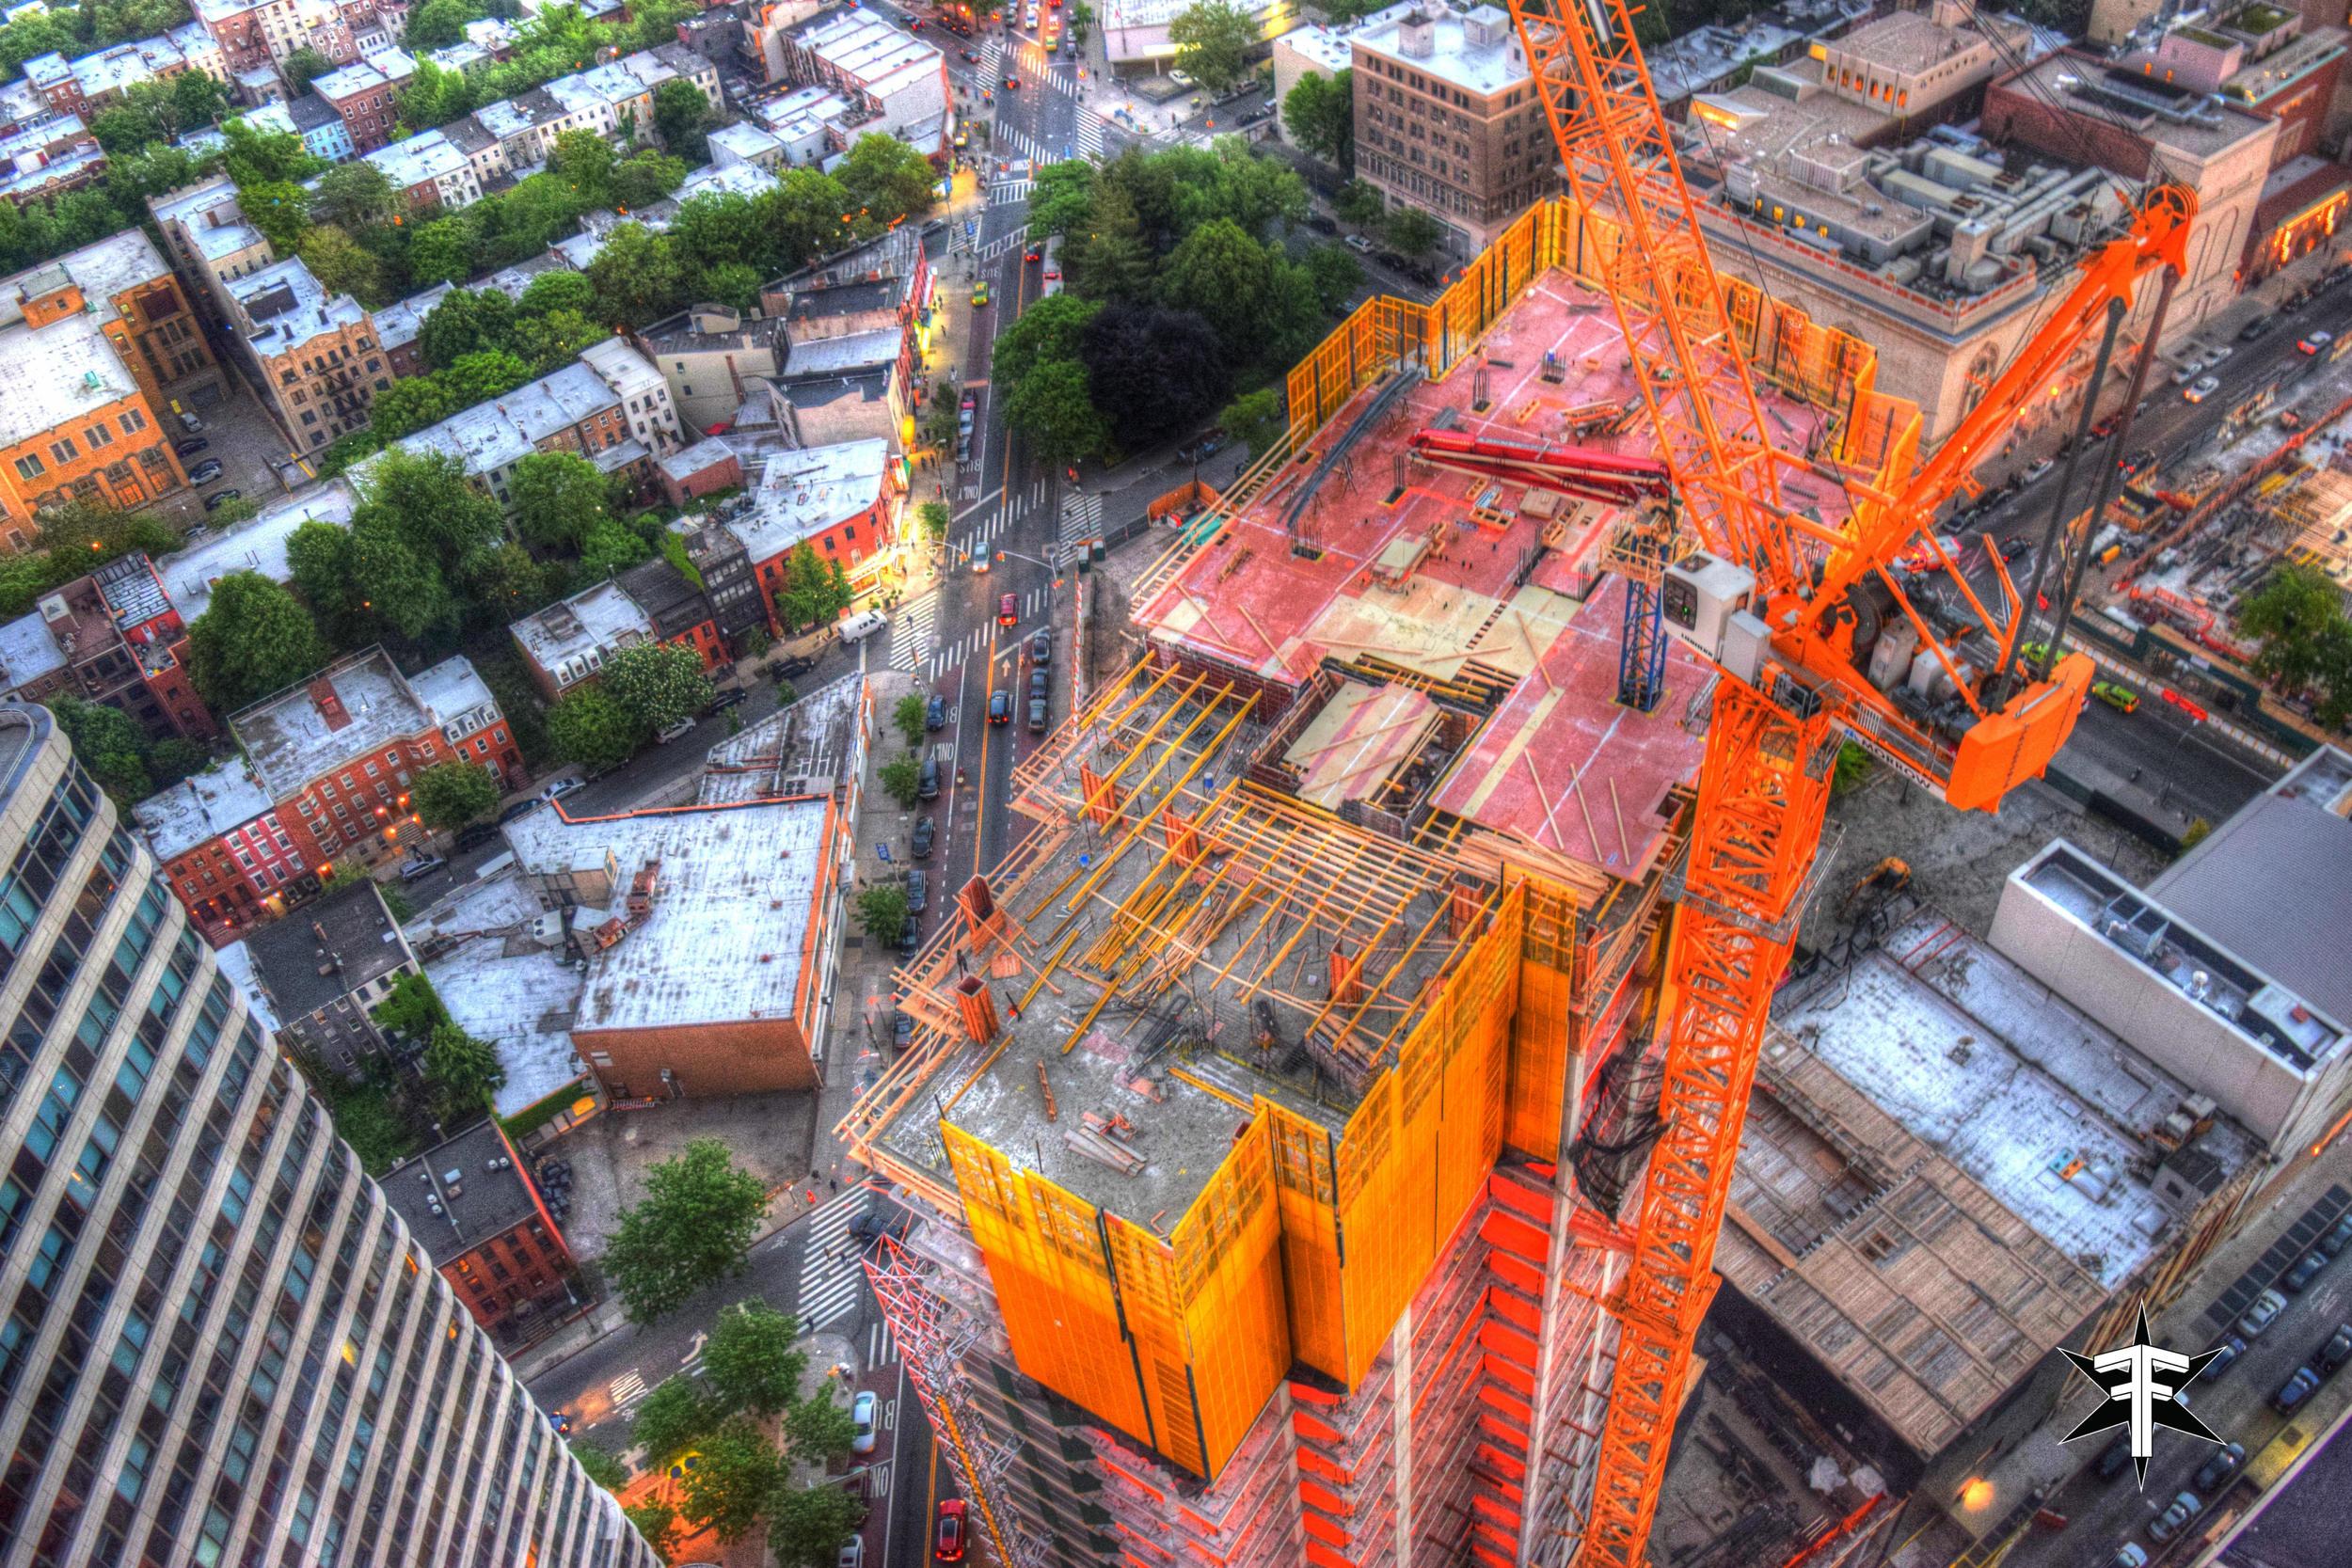 chicago architecture eric formato photography design arquitectura architettura buildings skyscraper skyscrapers-90.jpg